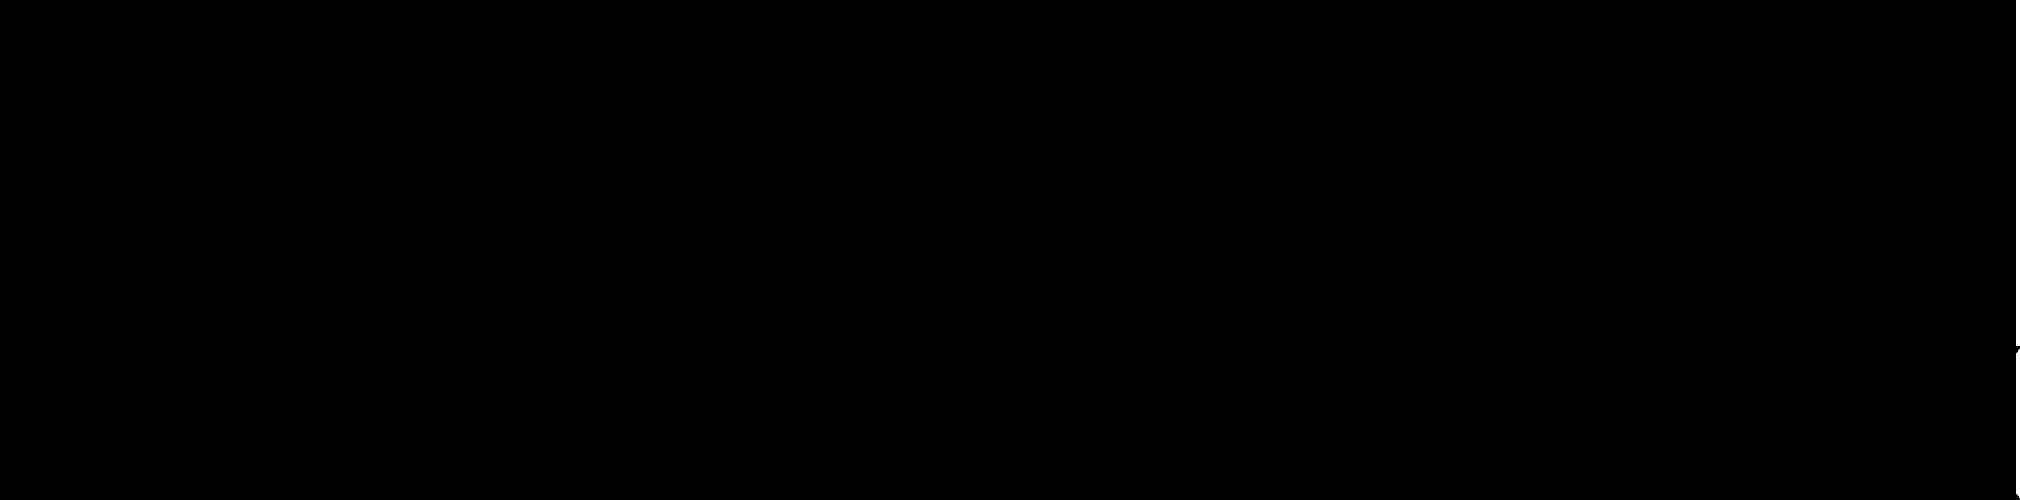 hurricane-logo-neu-schwarz-2014